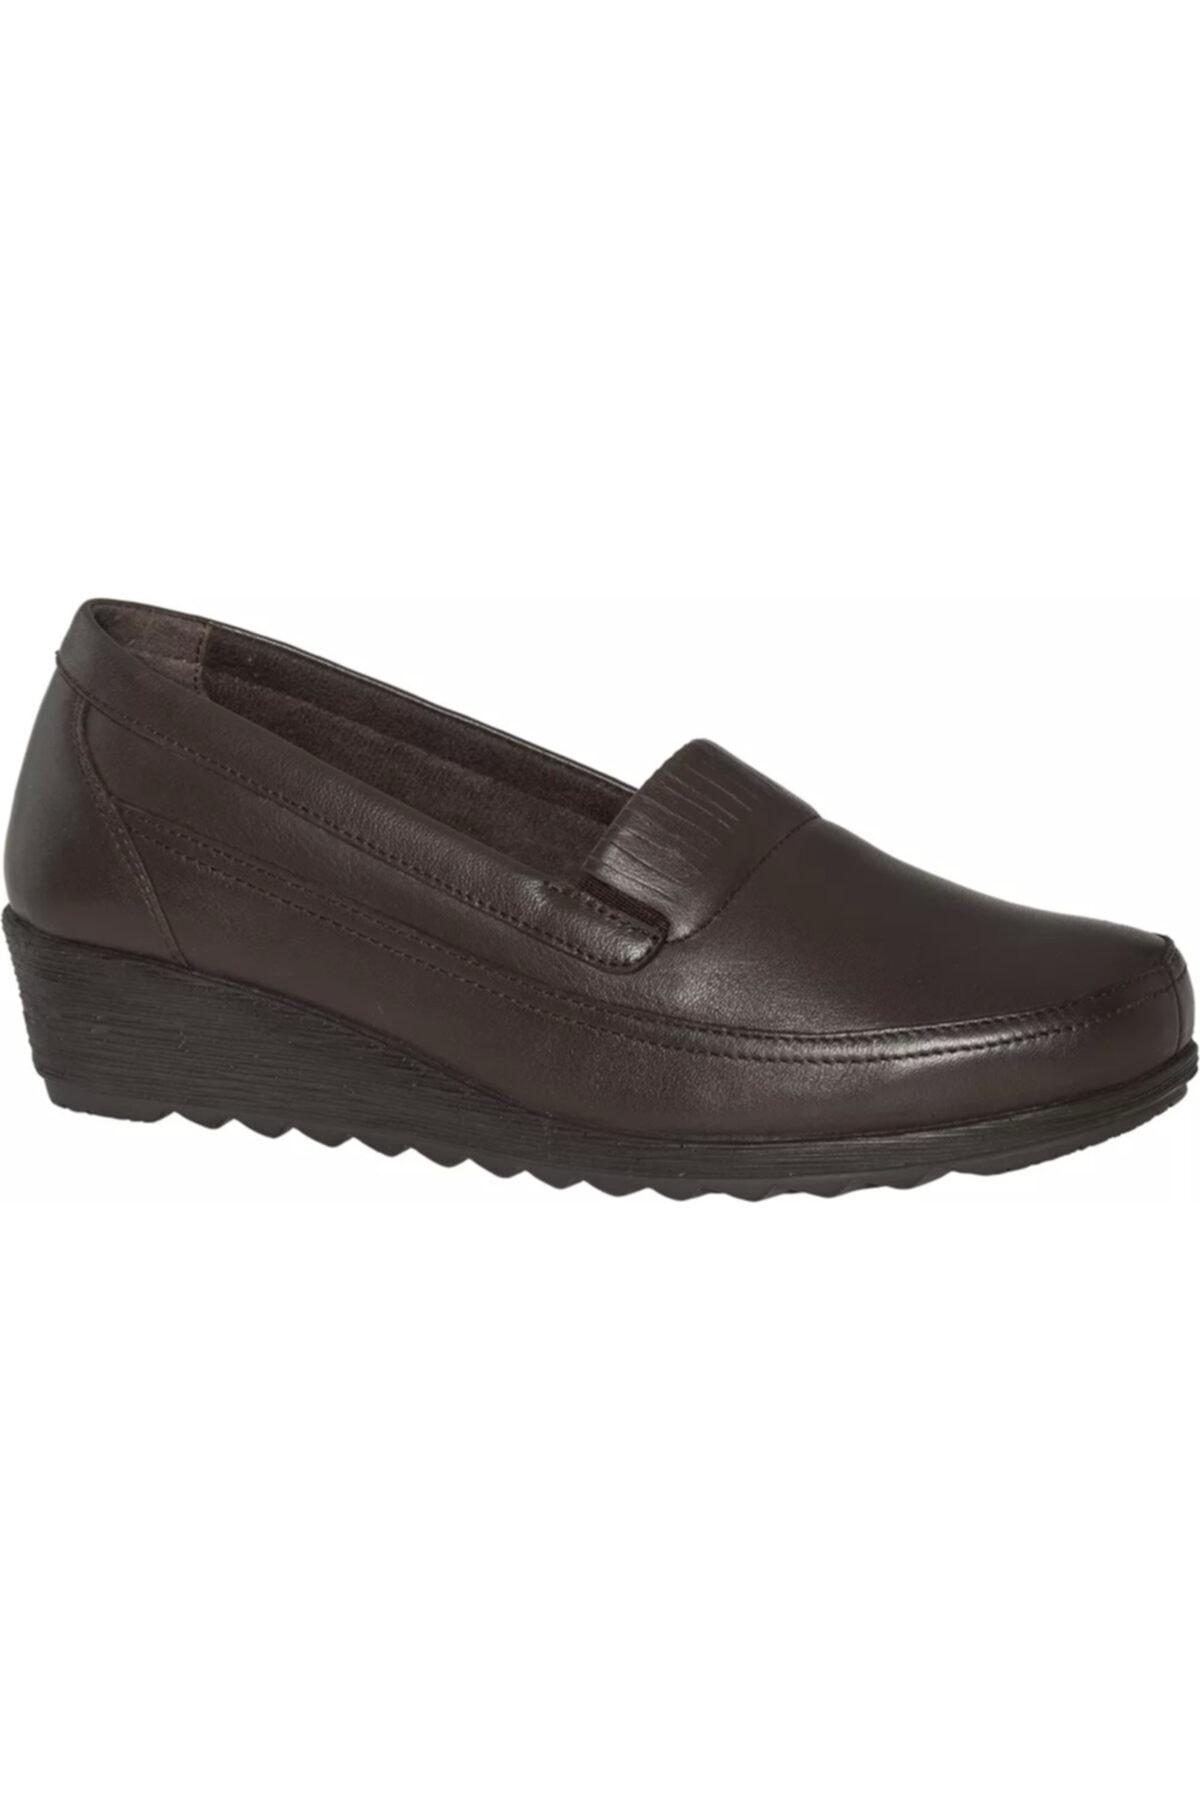 Easy Street Deichmann Kadın Kahverengi Günlük Ayakkabı